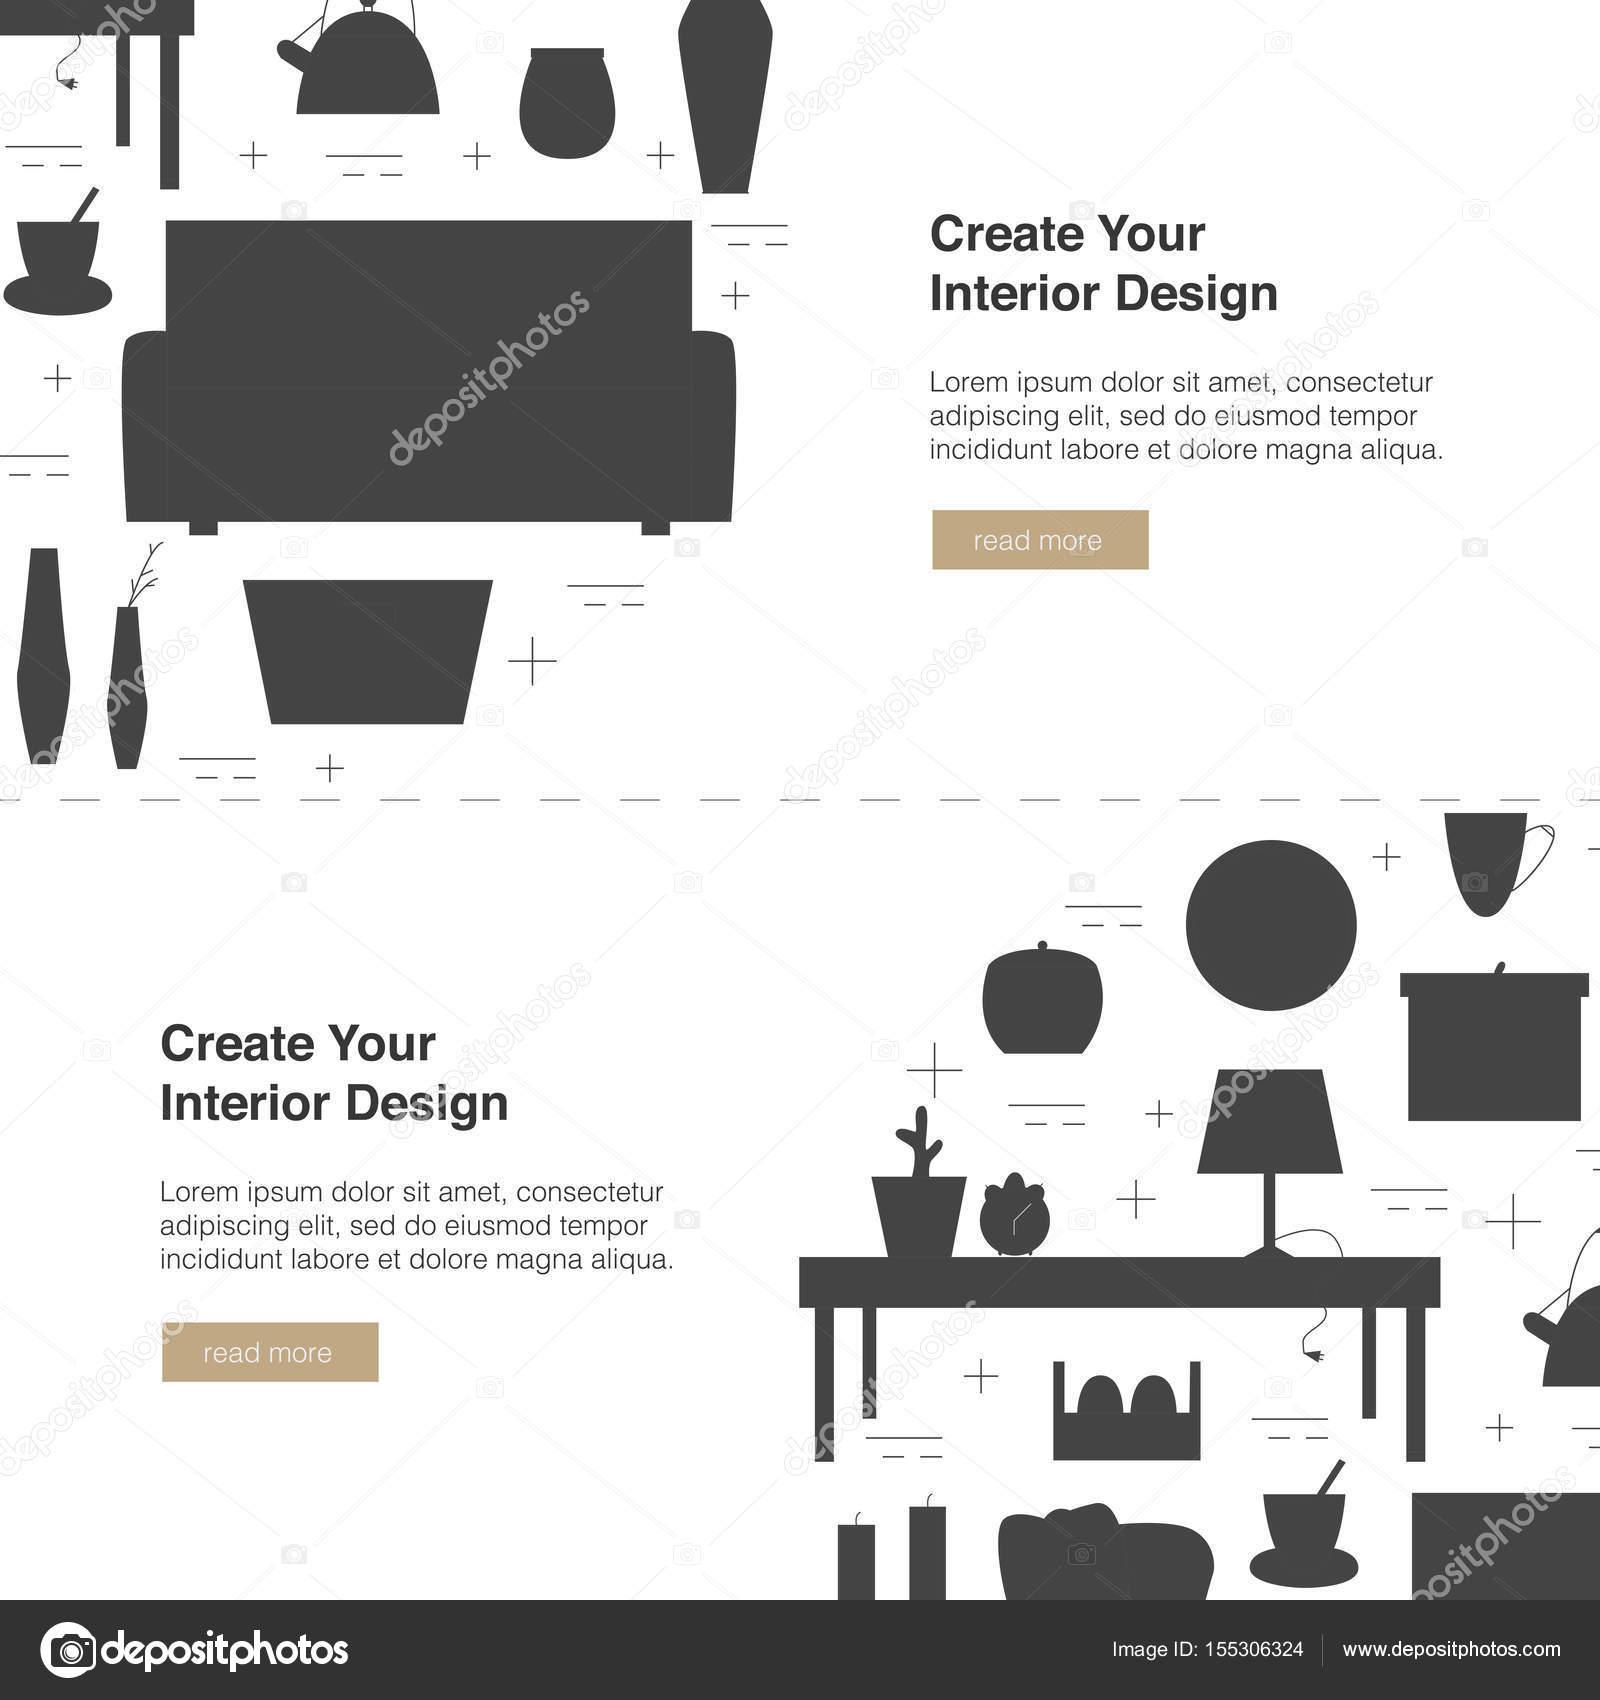 Interior design web banner for Interior design banner images